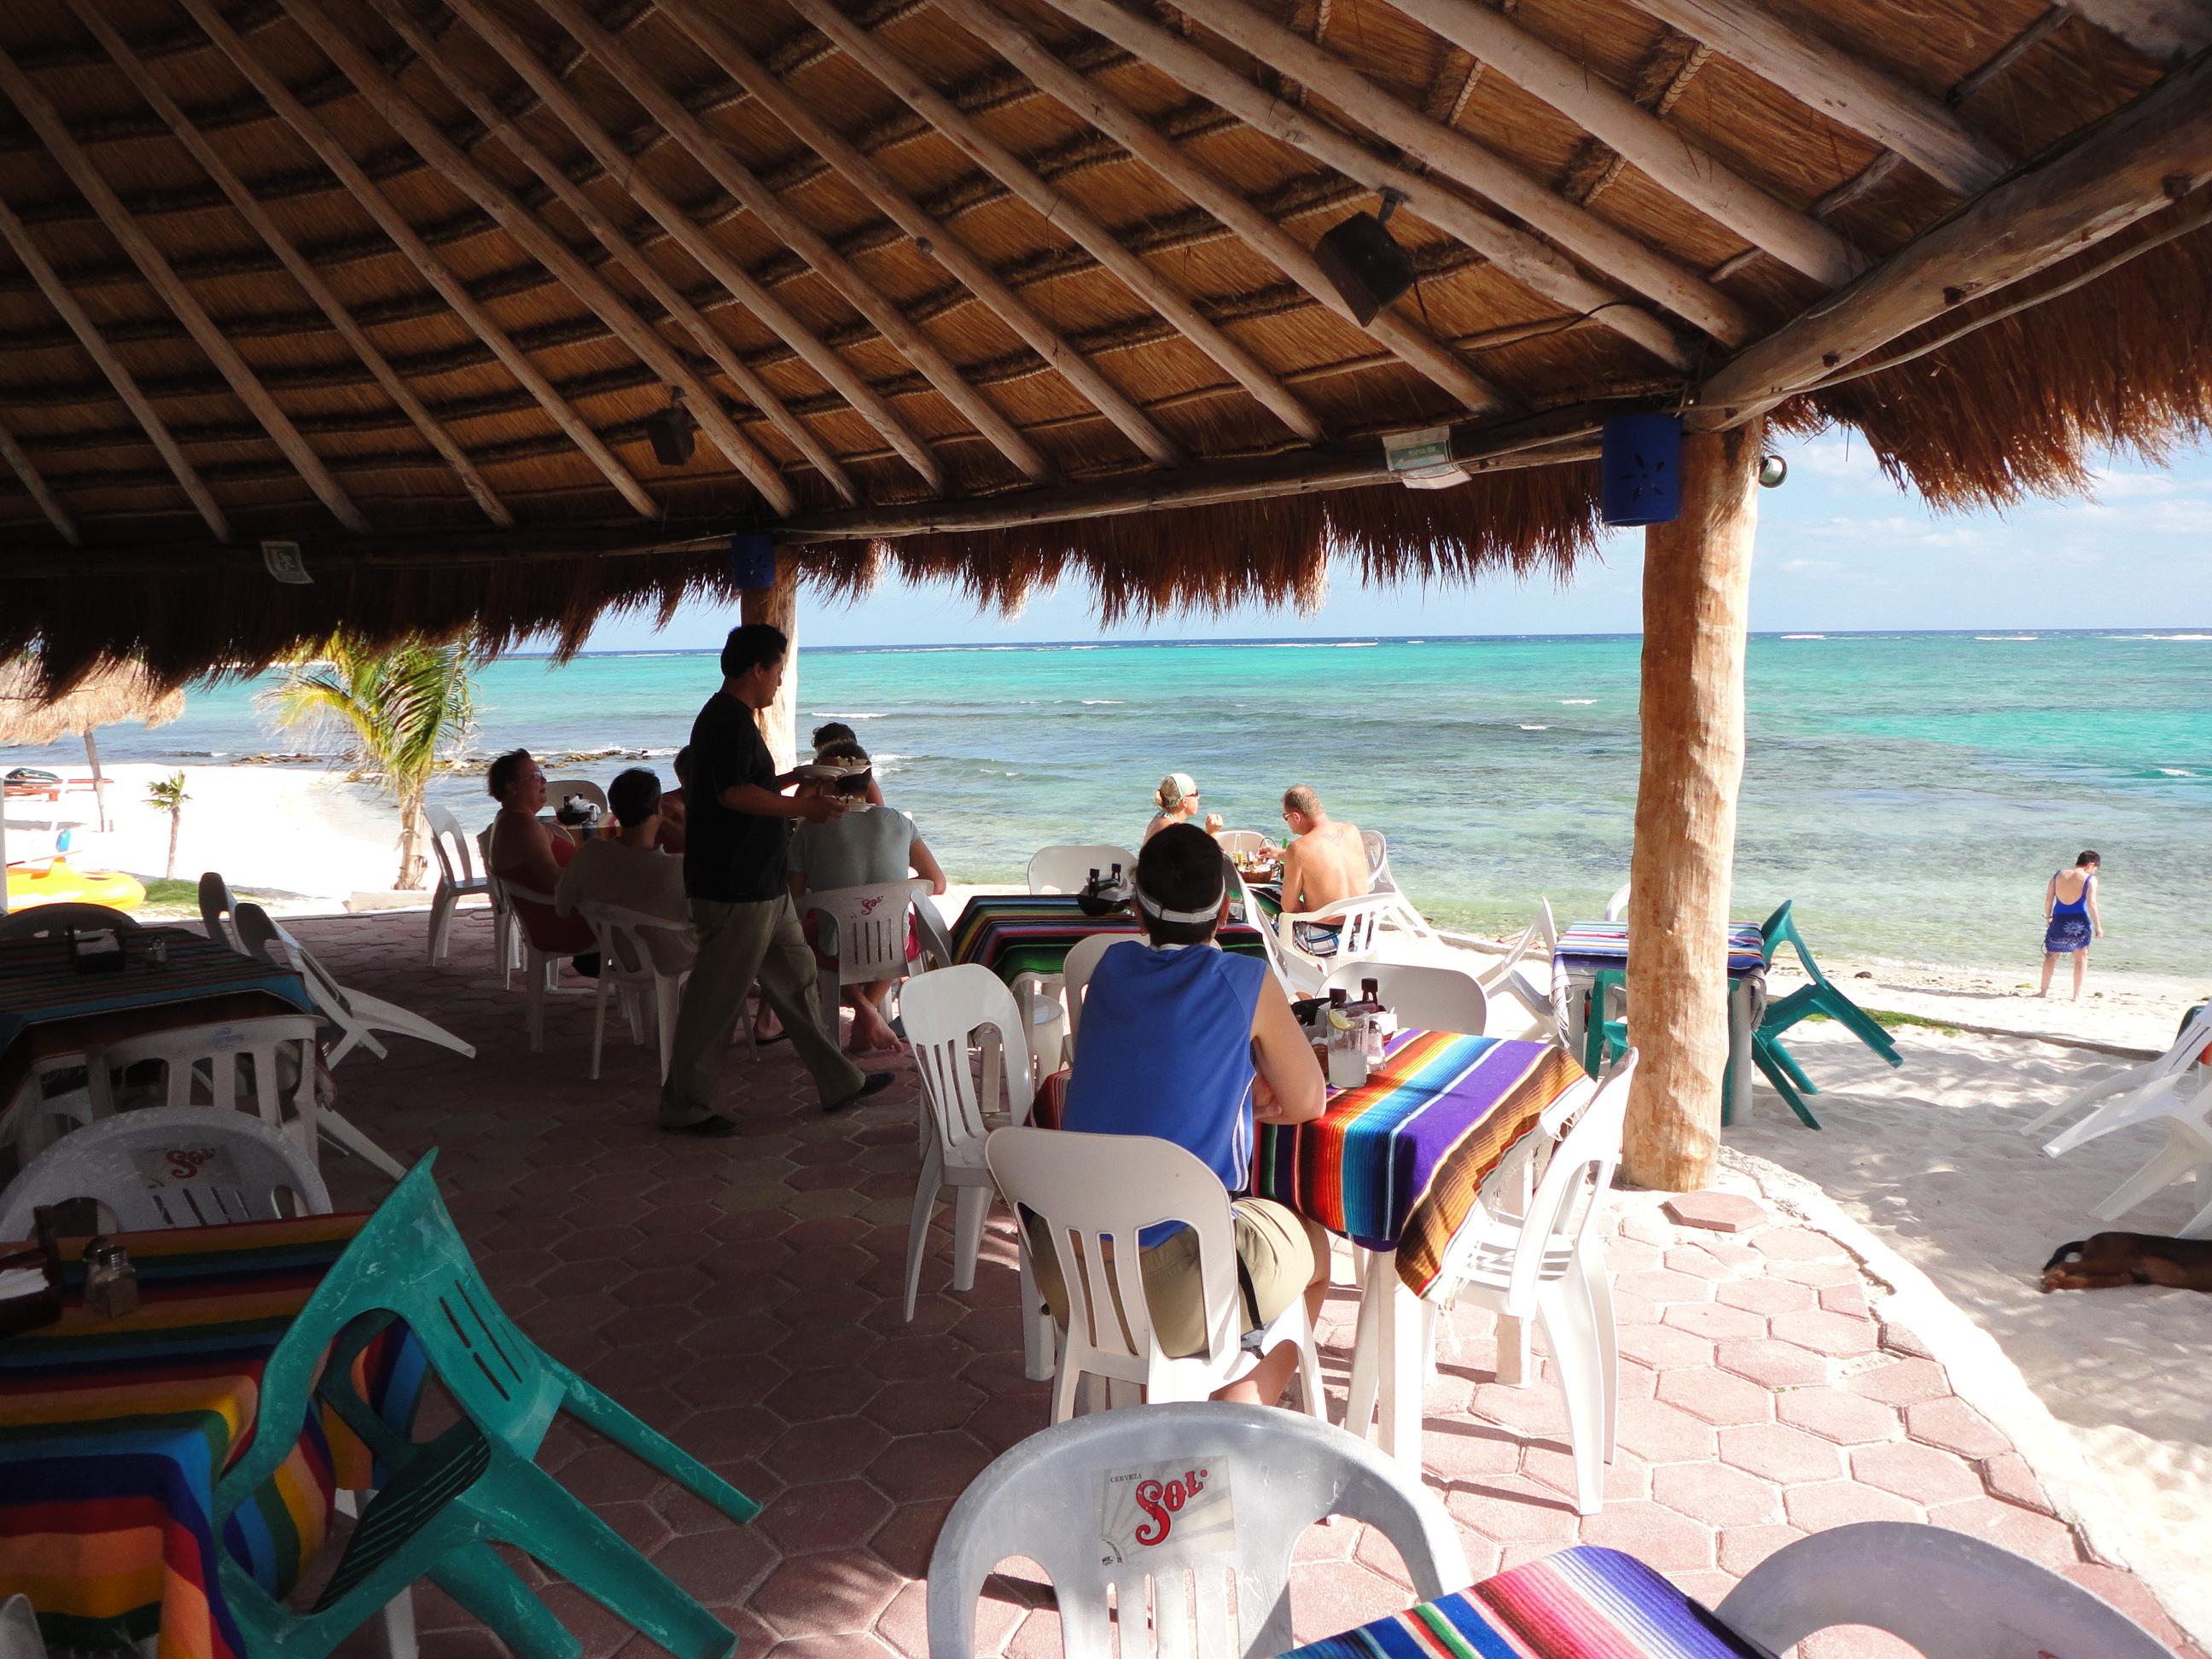 Casa Cenote restaurant, Tulum, MX